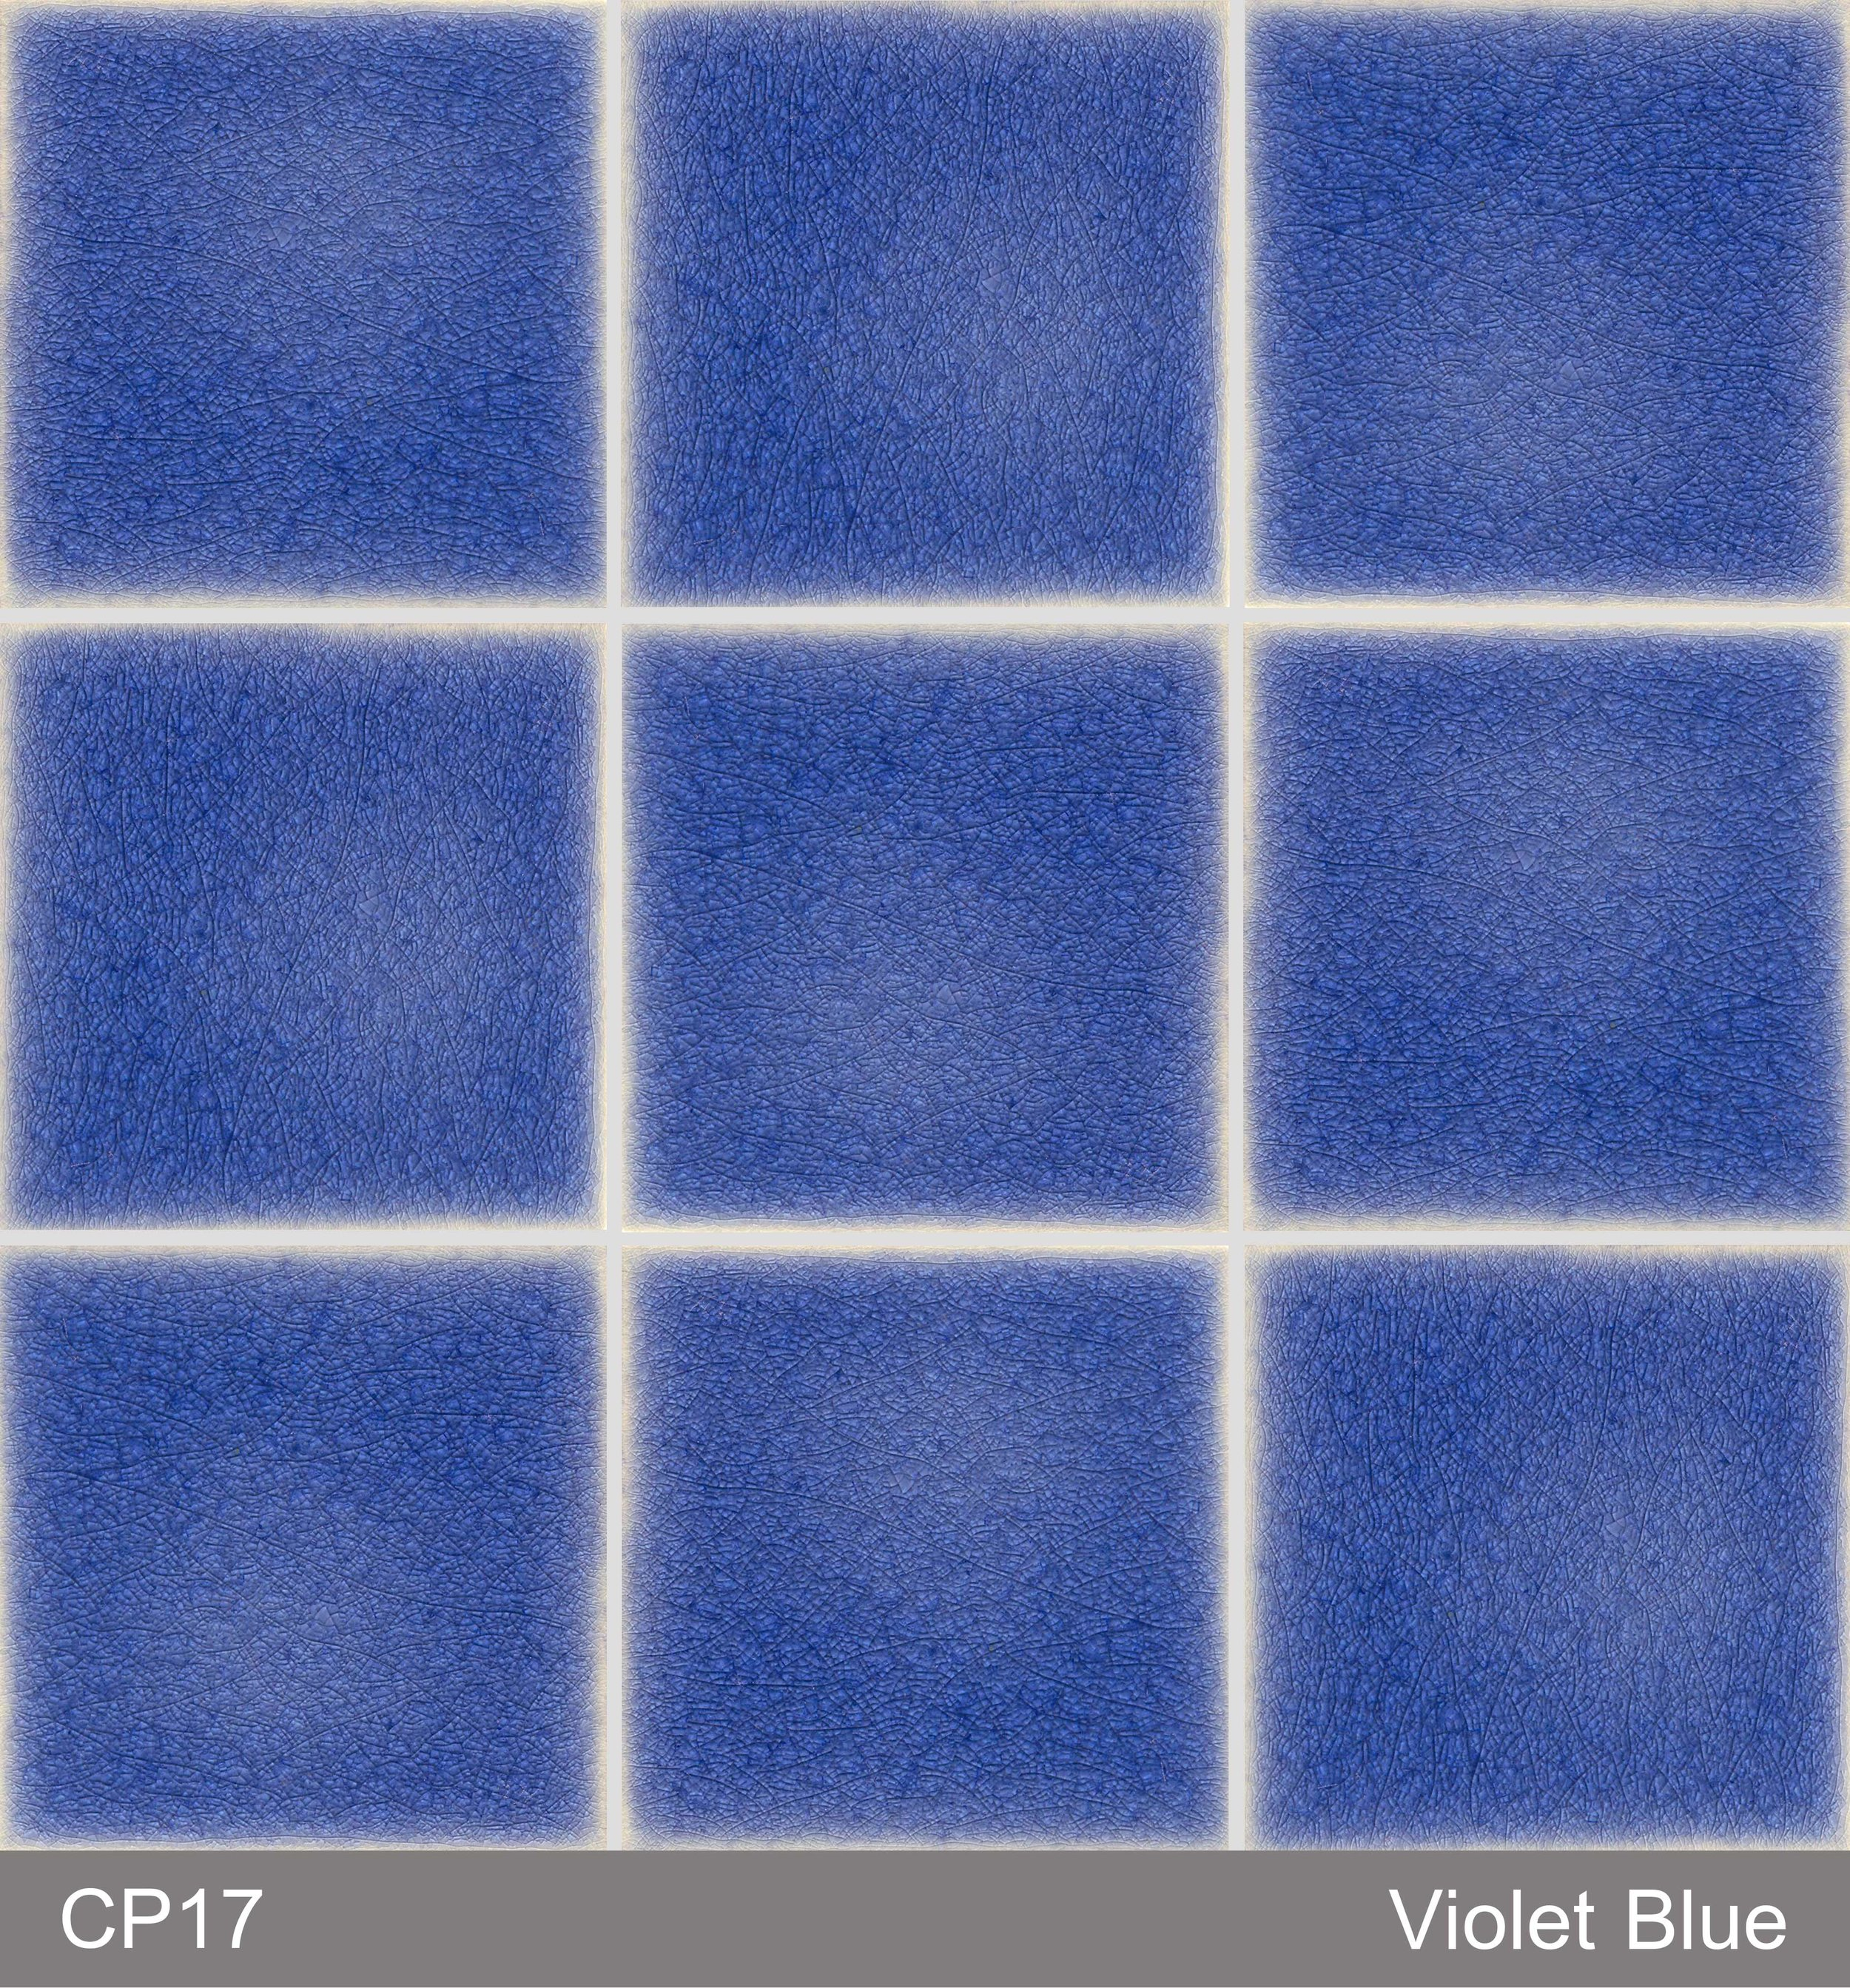 CP17 : Violet blue